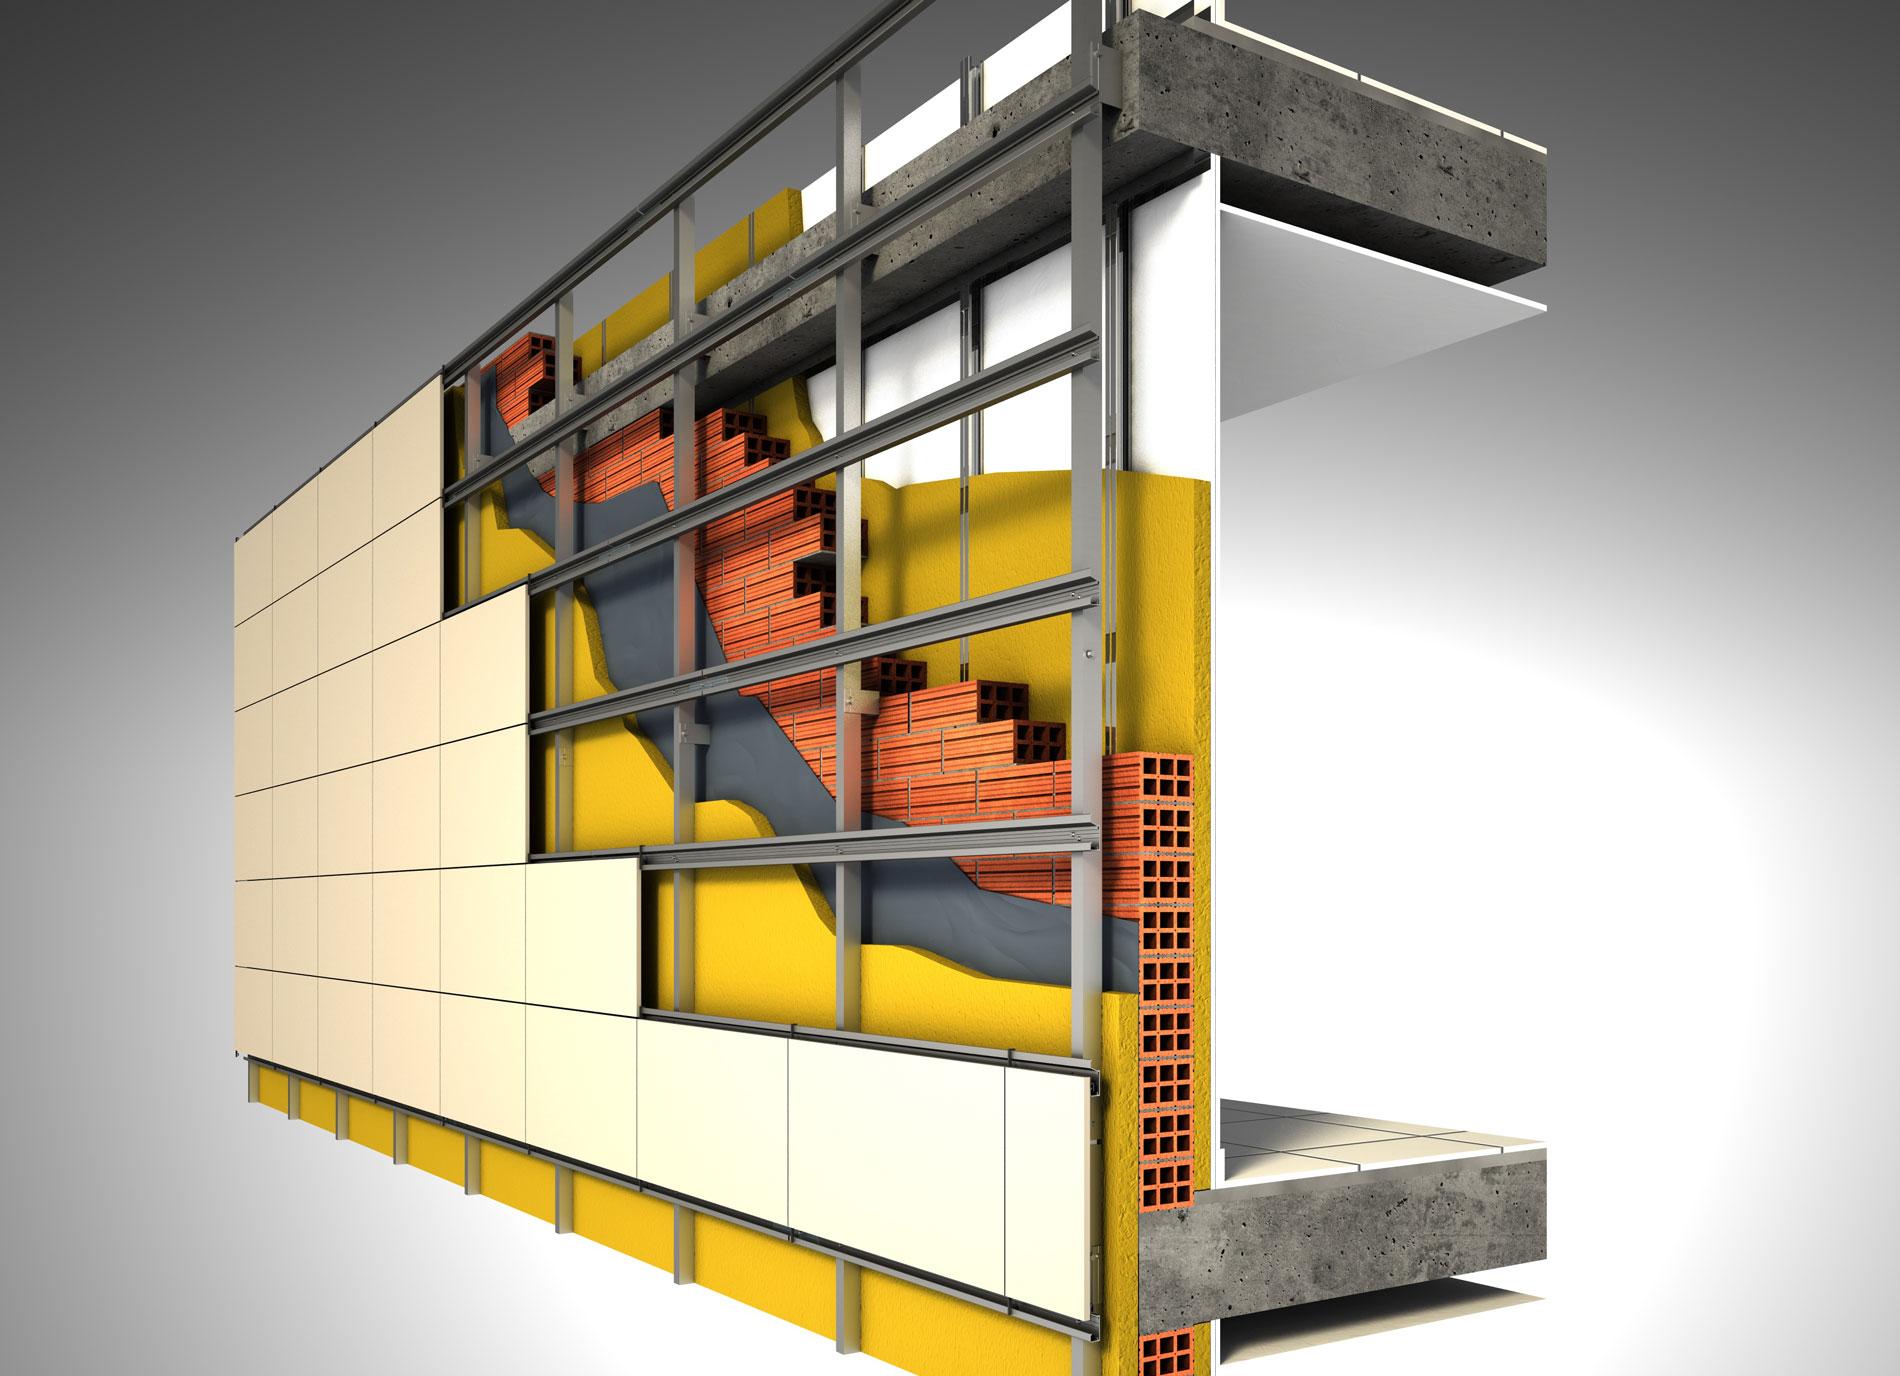 Recubrimiento De Fachadas Para Aislamiento - Recubrimientos-fachadas